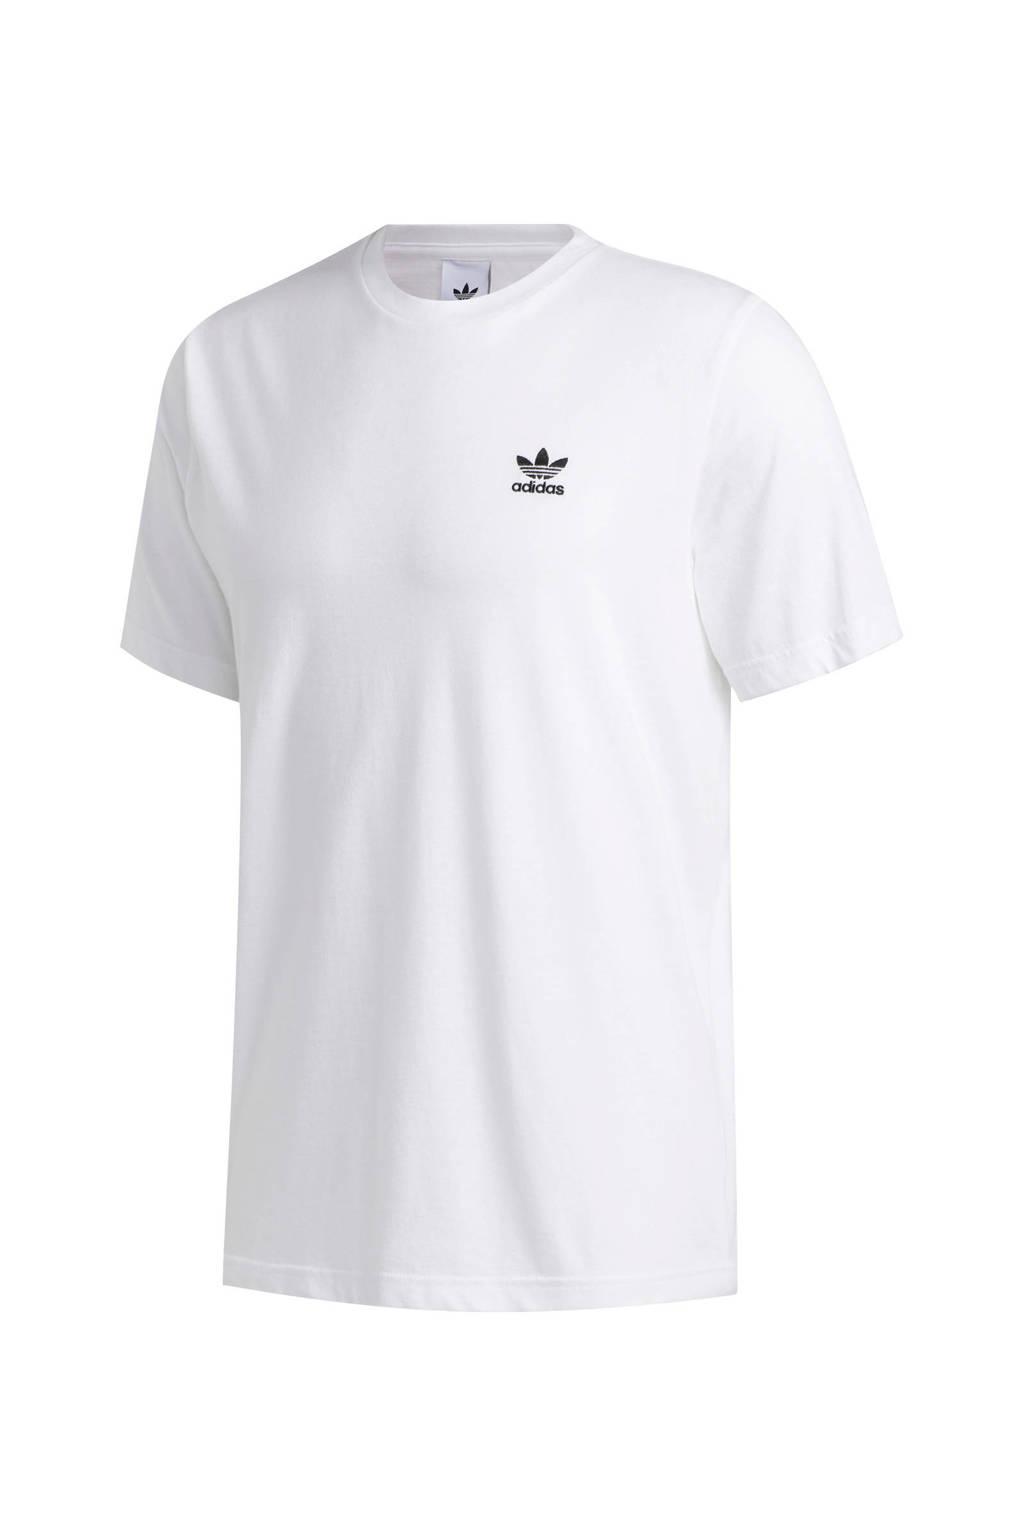 adidas Originals   Adicolor T-shirt wit, Wit